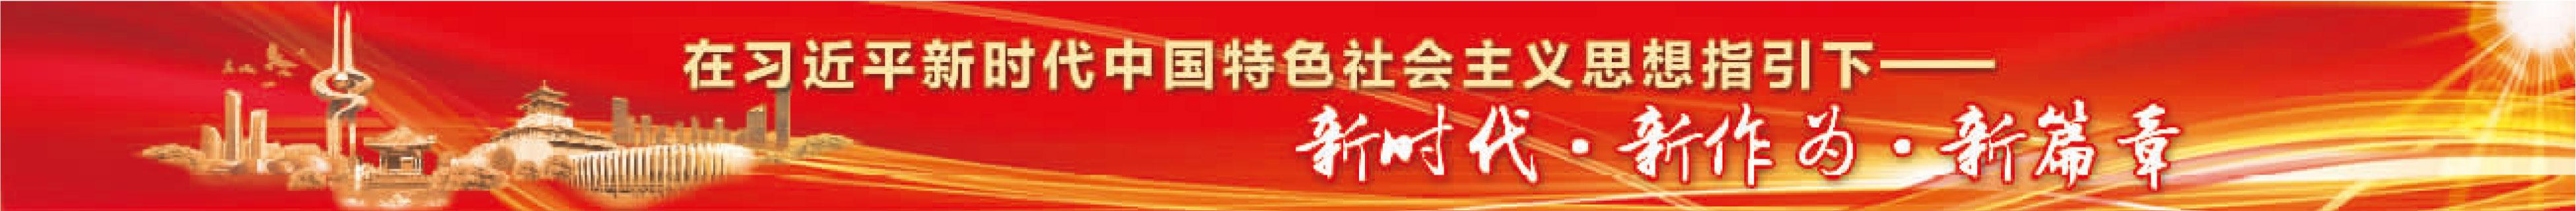 """新时代民营企业要以党建统领发展 中恒商城的""""能量守恒""""定律"""